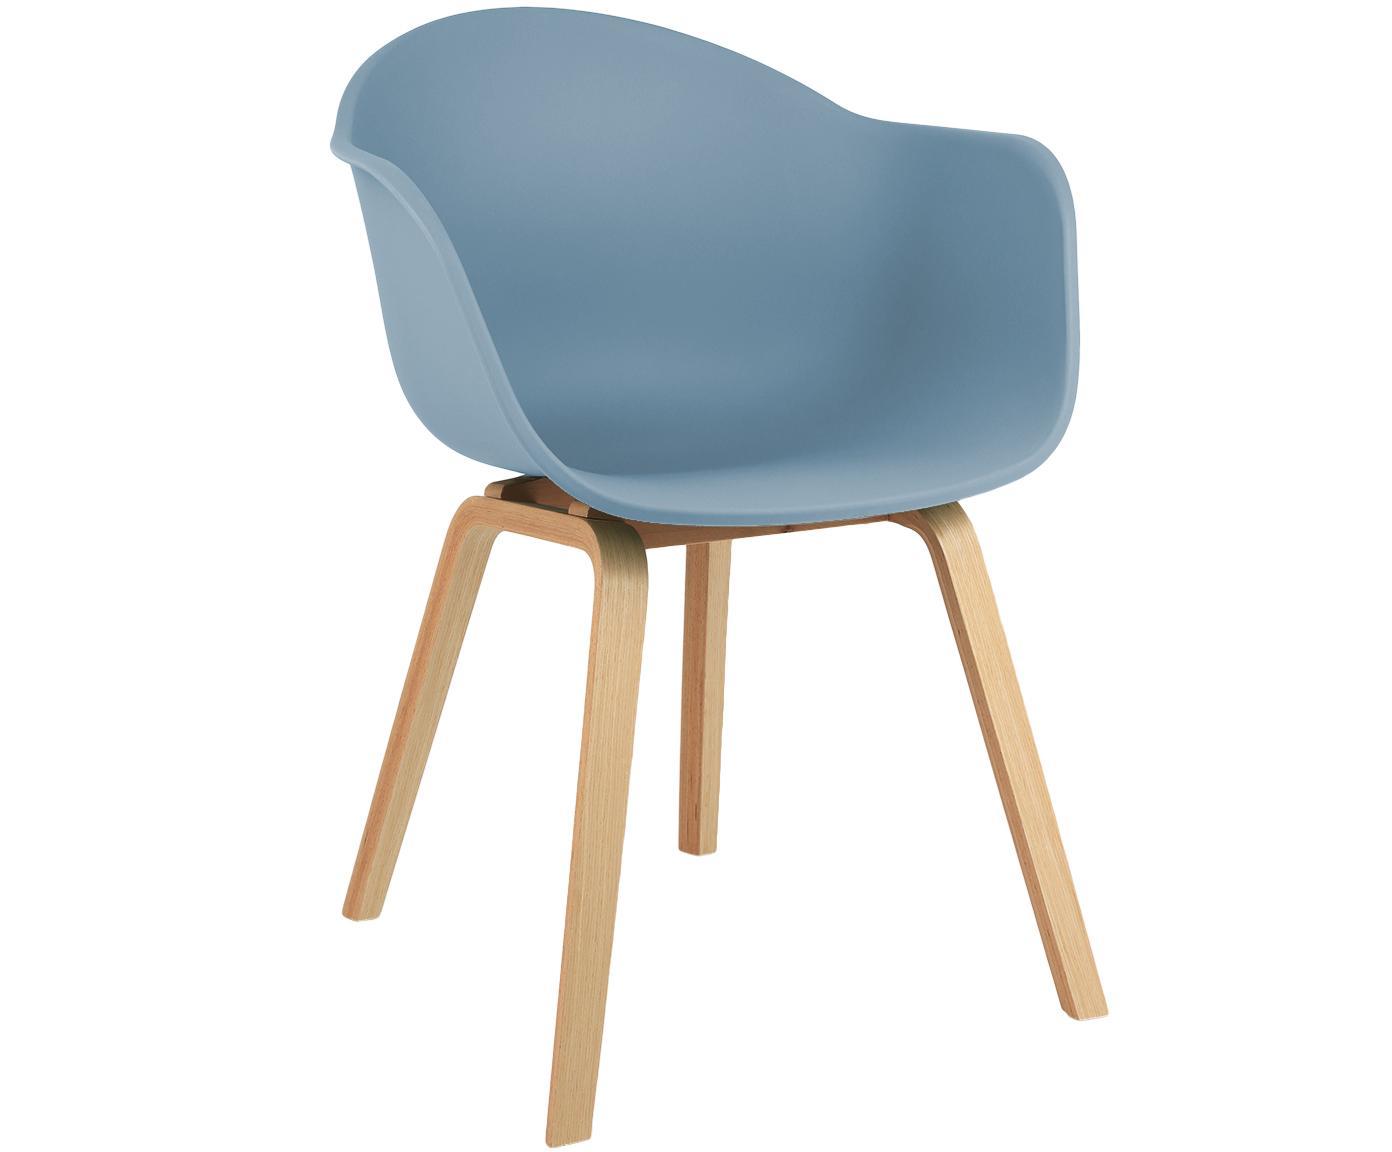 Krzesło z tworzywa sztucznego z podłokietnikami Claire, Nogi: drewno bukowe, Siedzisko: niebieski Nogi: drewno bukowe, S 54 x G 60 cm